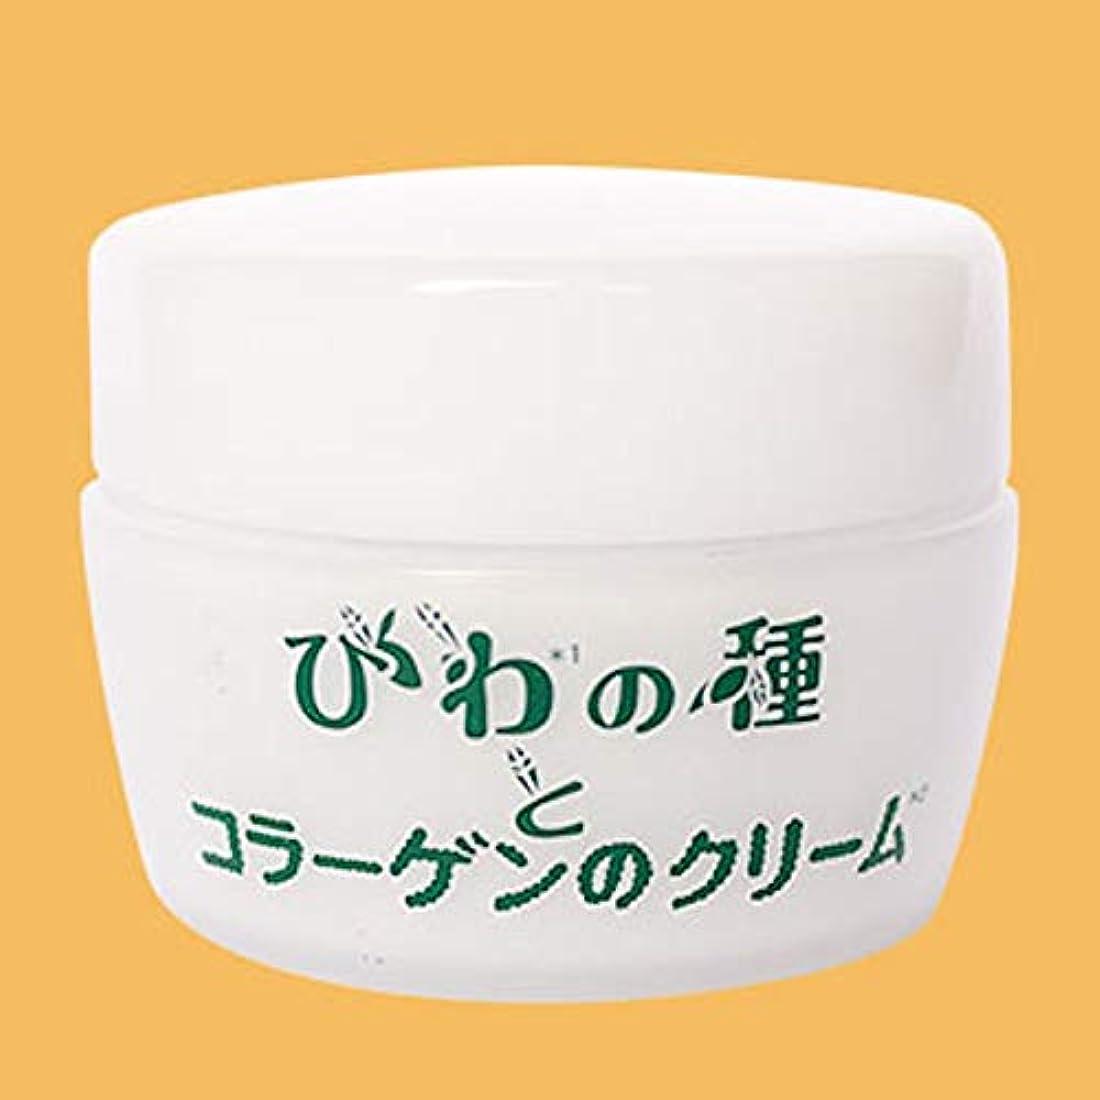 悲観的協会乳製品入来屋 びわの種とコラーゲンのクリーム 50g